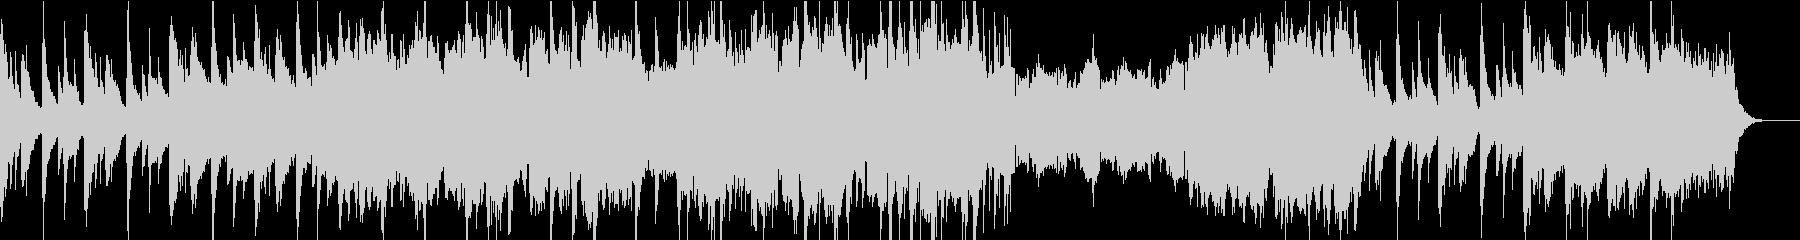 落ち着いたダークファンタジーBGM/映像の未再生の波形